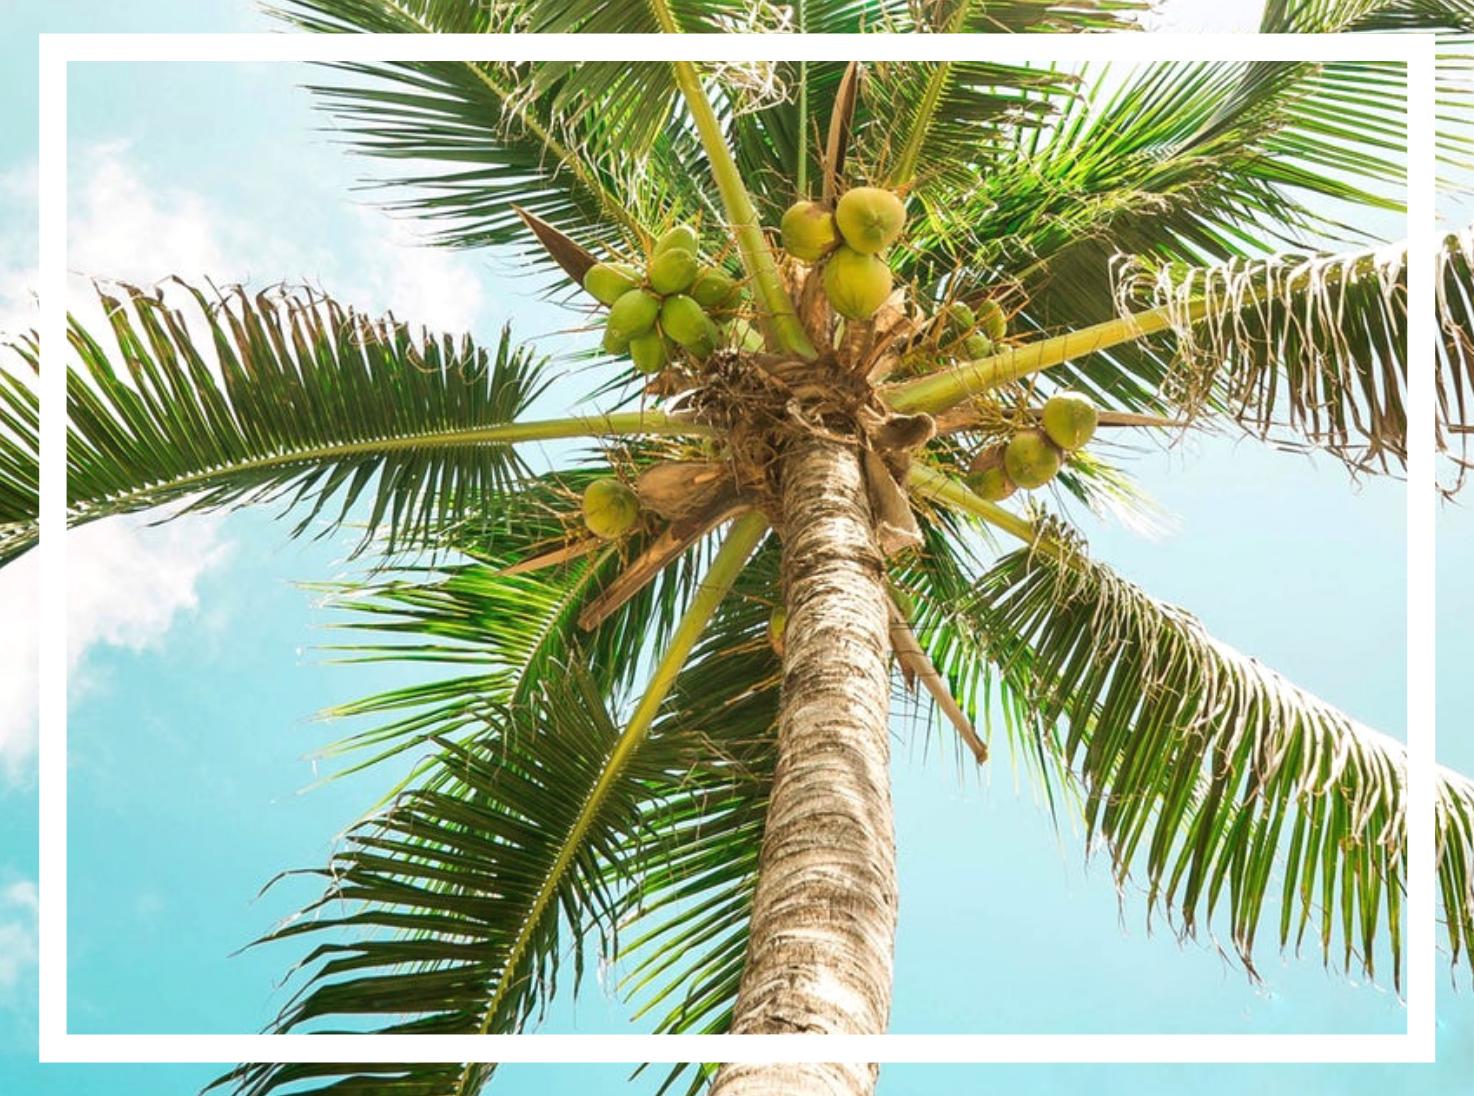 L'huile de coco est-elle vraiment bonne pour la santé ? Aujourd'hui on démêle le vrai du faux.